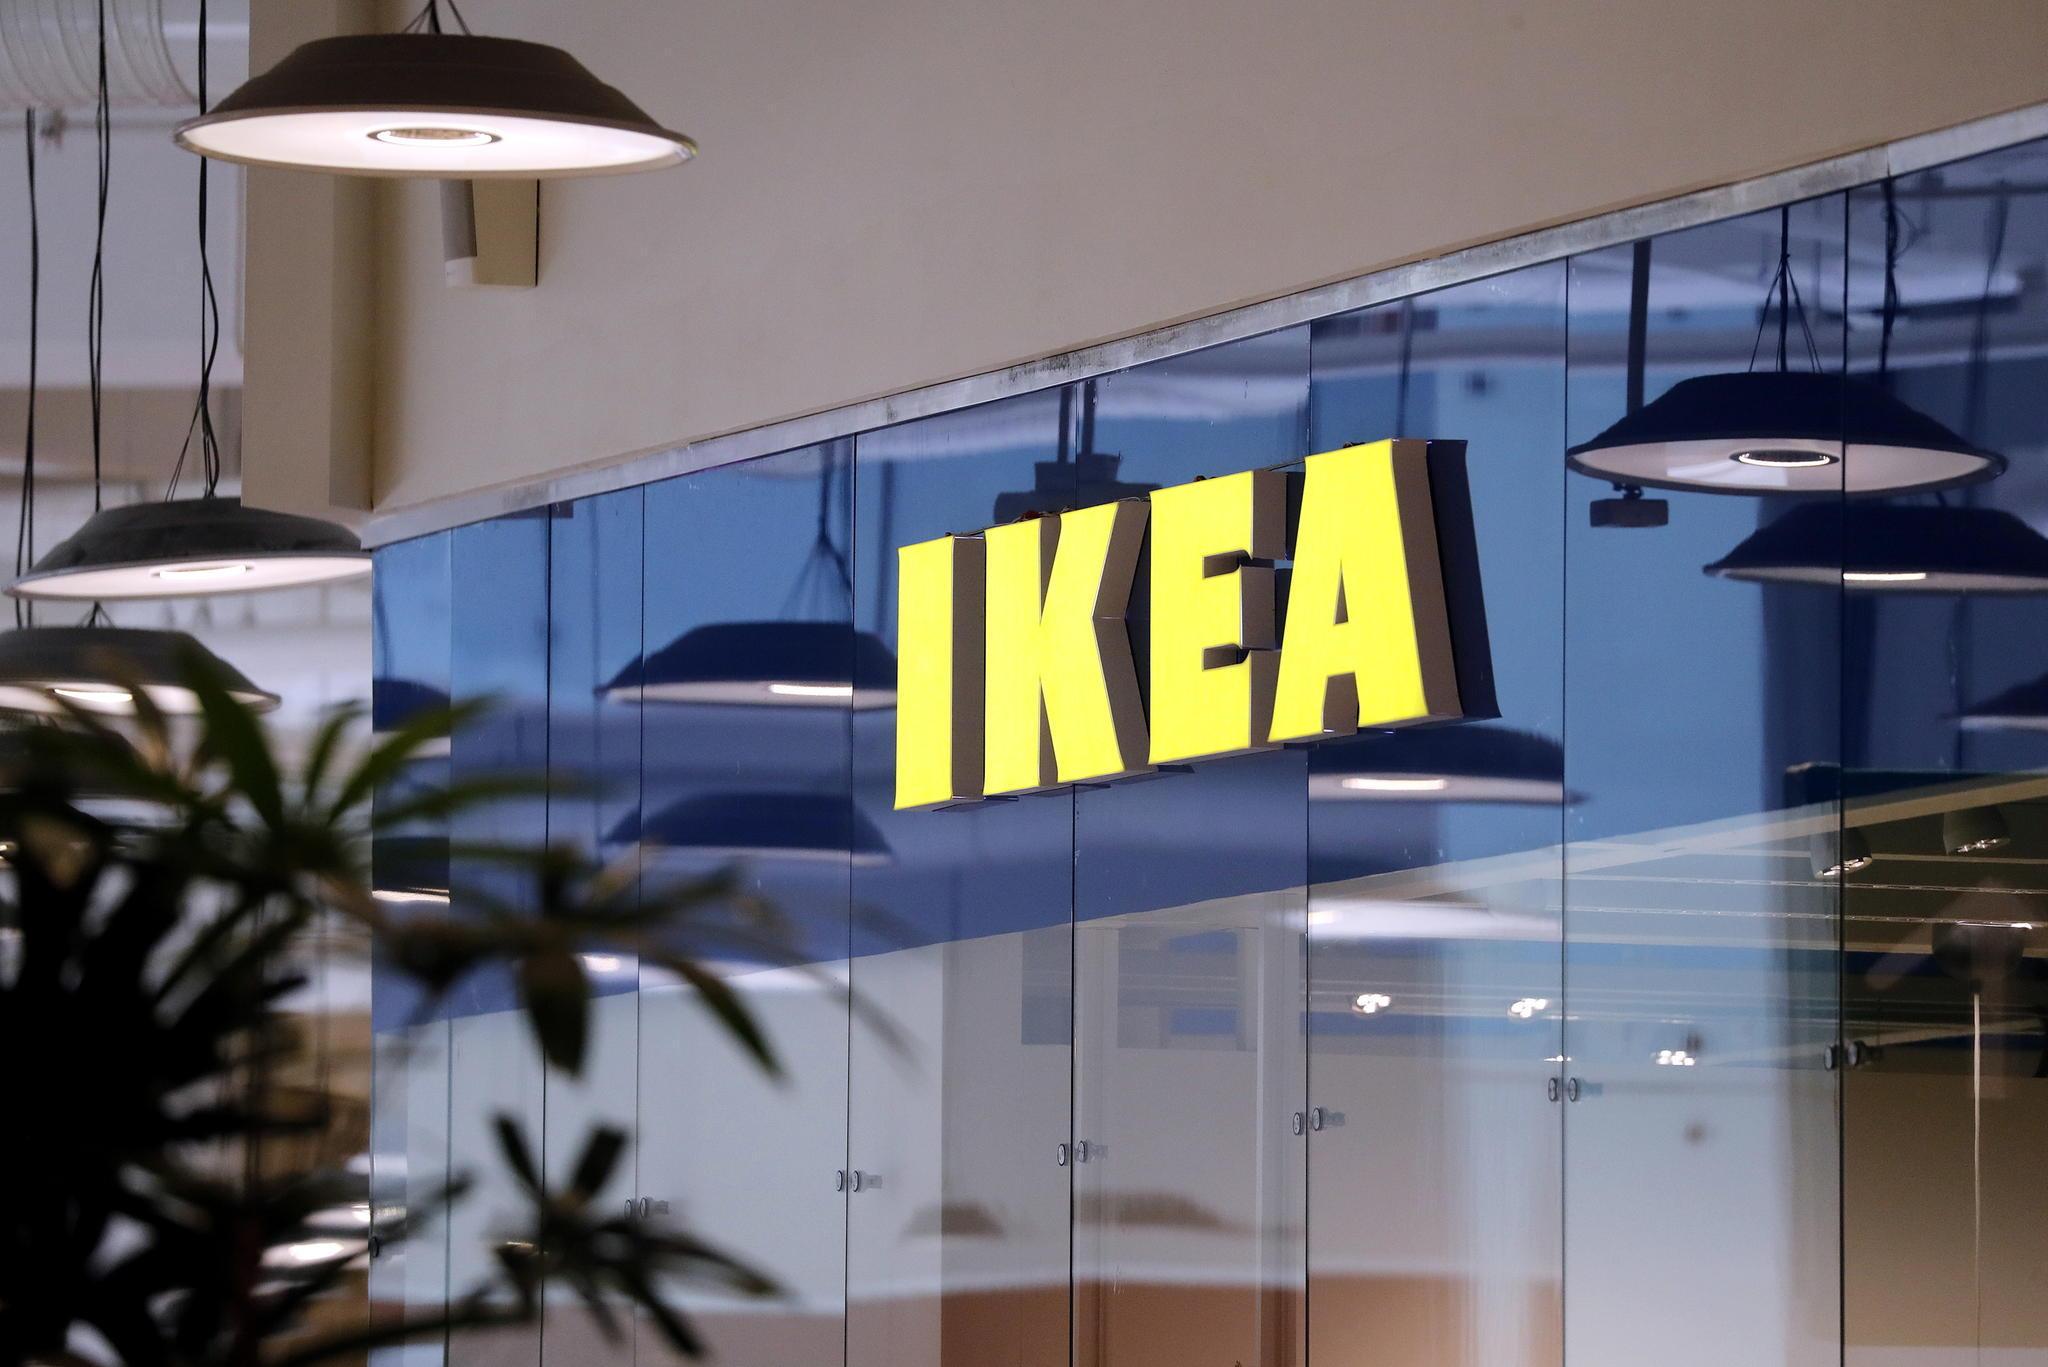 mehr nachhaltigkeit: ikea will gebrauchte möbel zurückkaufen | stern.de